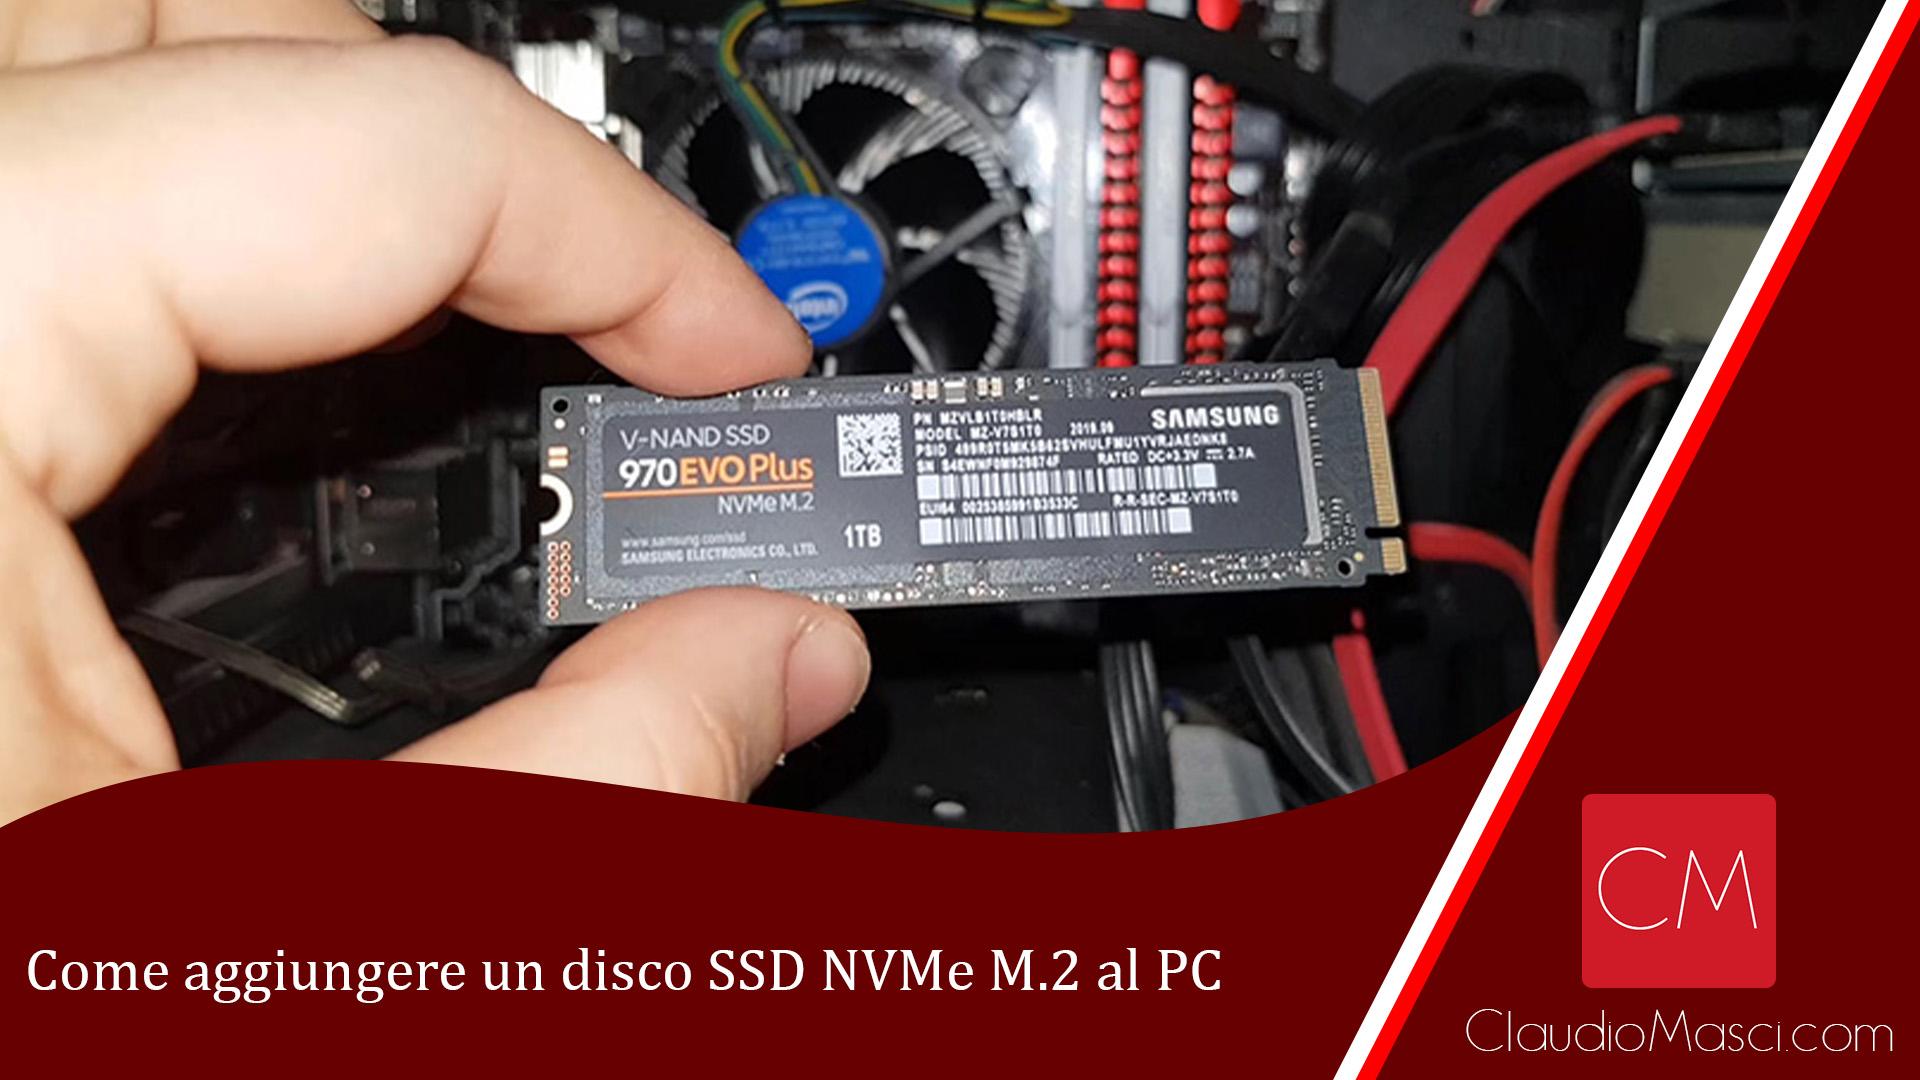 Come aggiungere un disco SSD NVMe M2 al PC